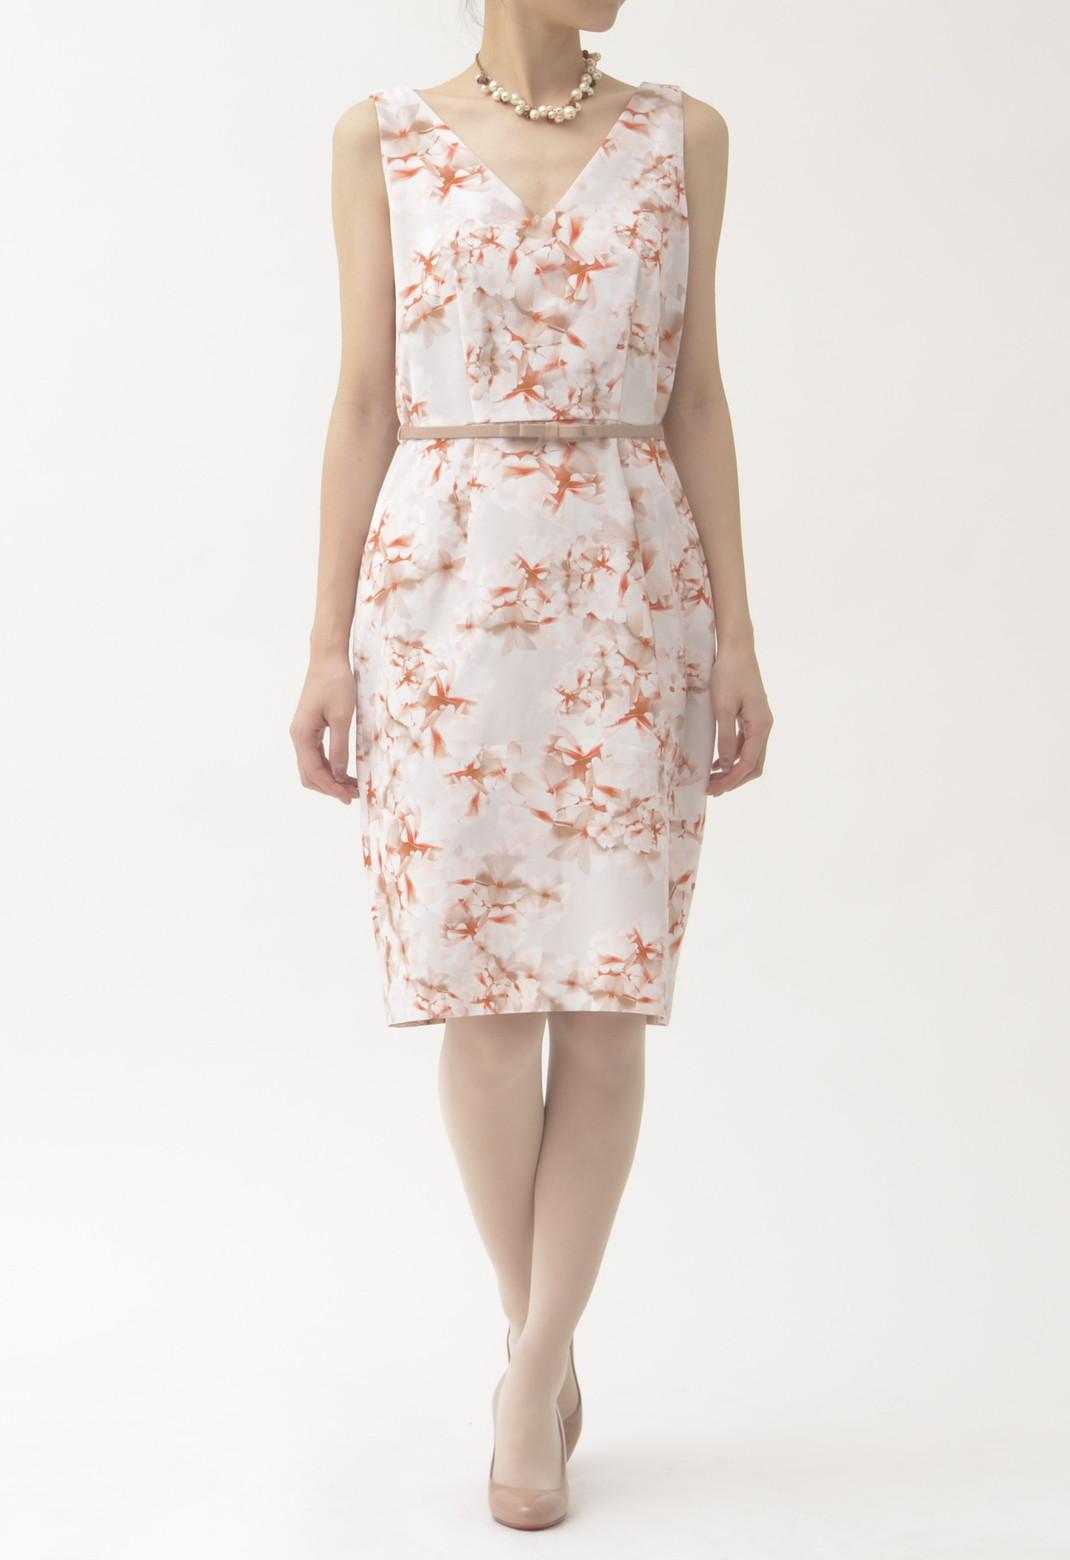 ウエストベルト付き 花柄 ノースリーブ ドレス